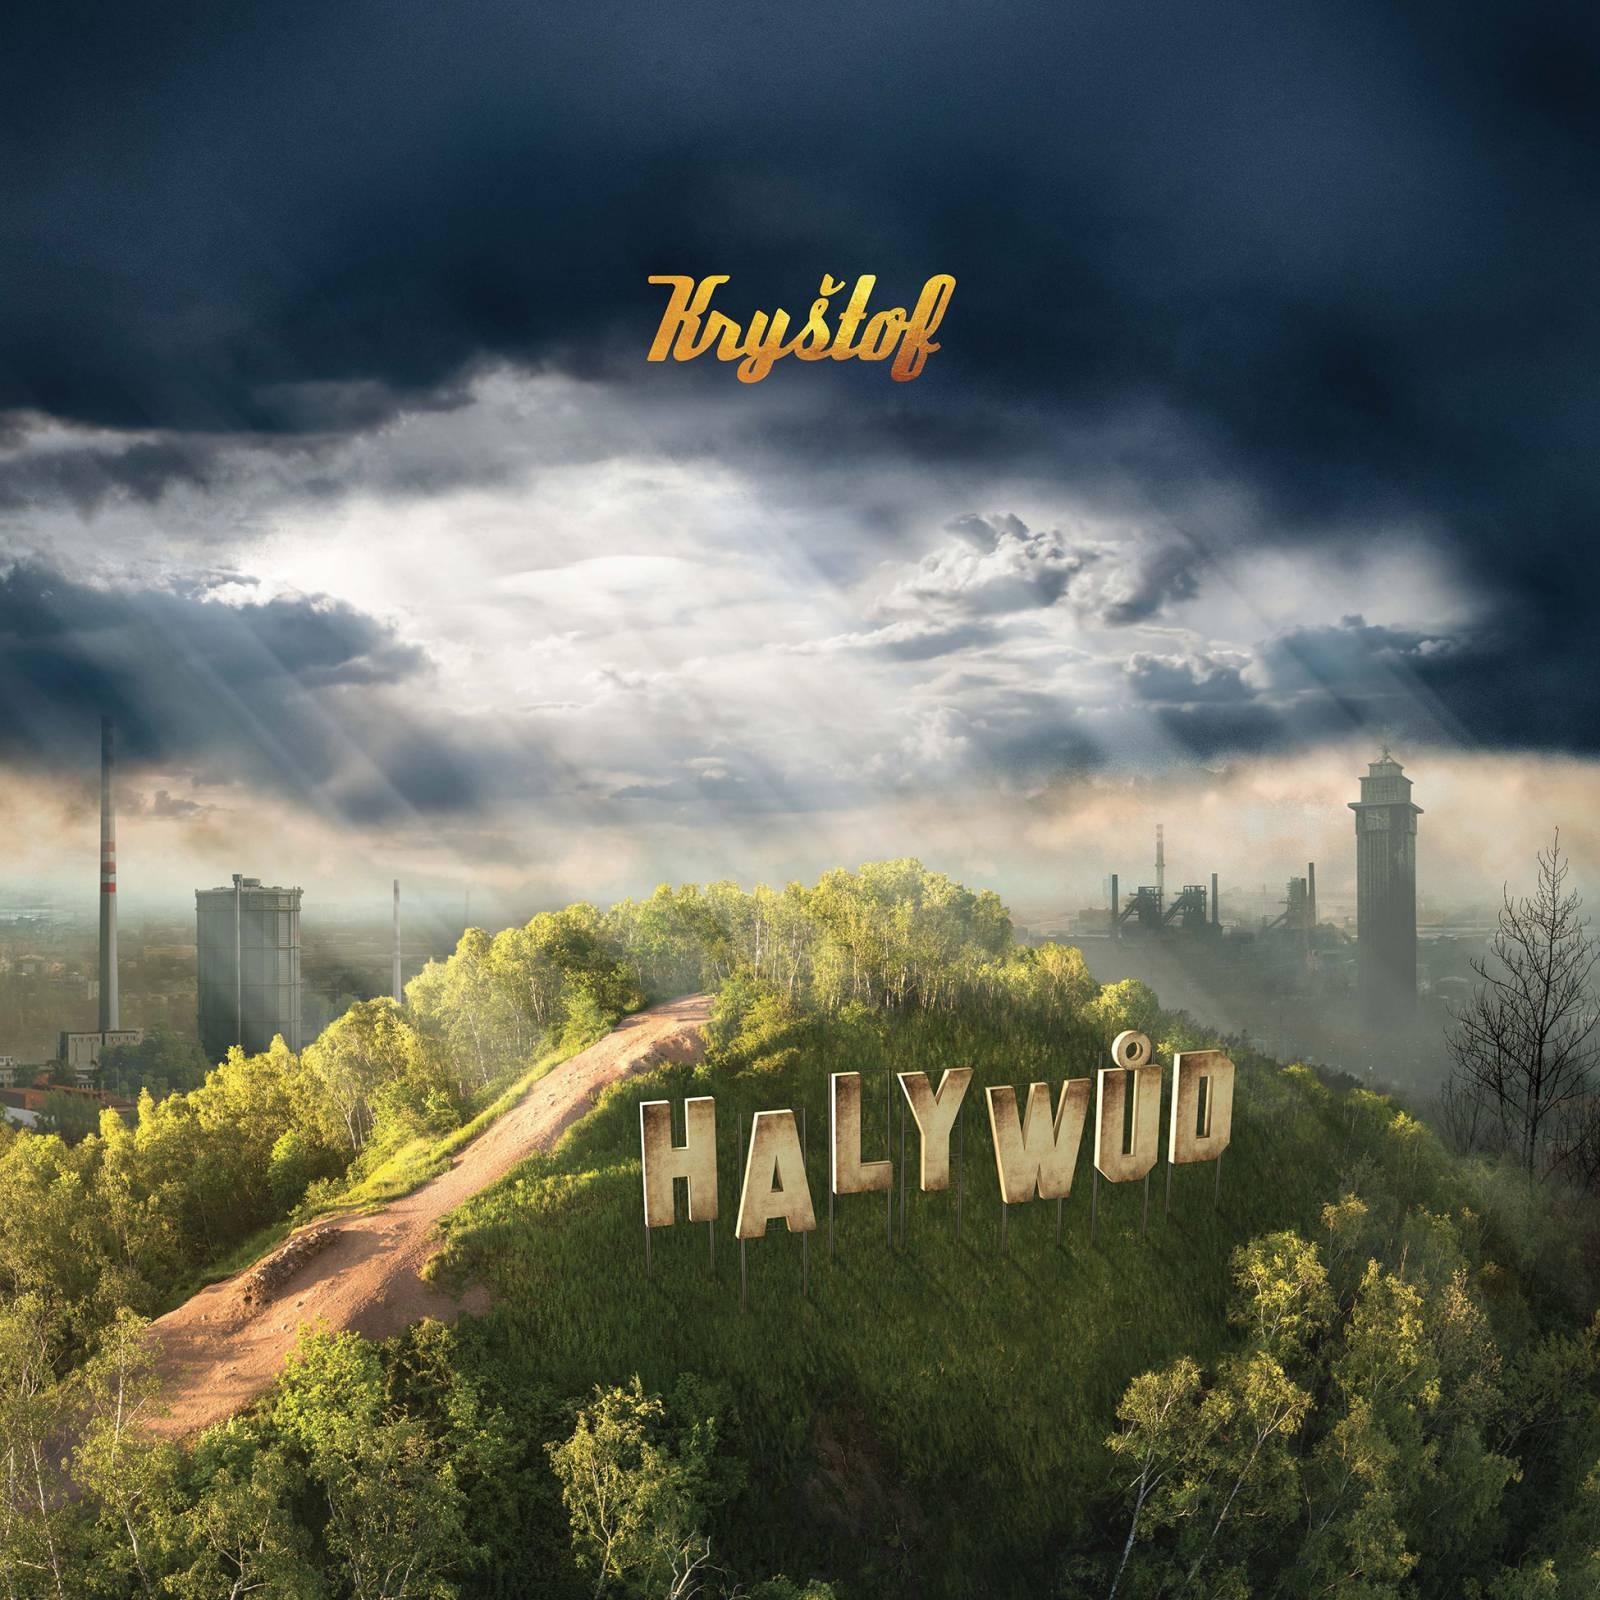 RECENZE: Kryštof se na Halywůdu nehoní za aktuálními trendy, písně jsou beztarostné a plné optimismu